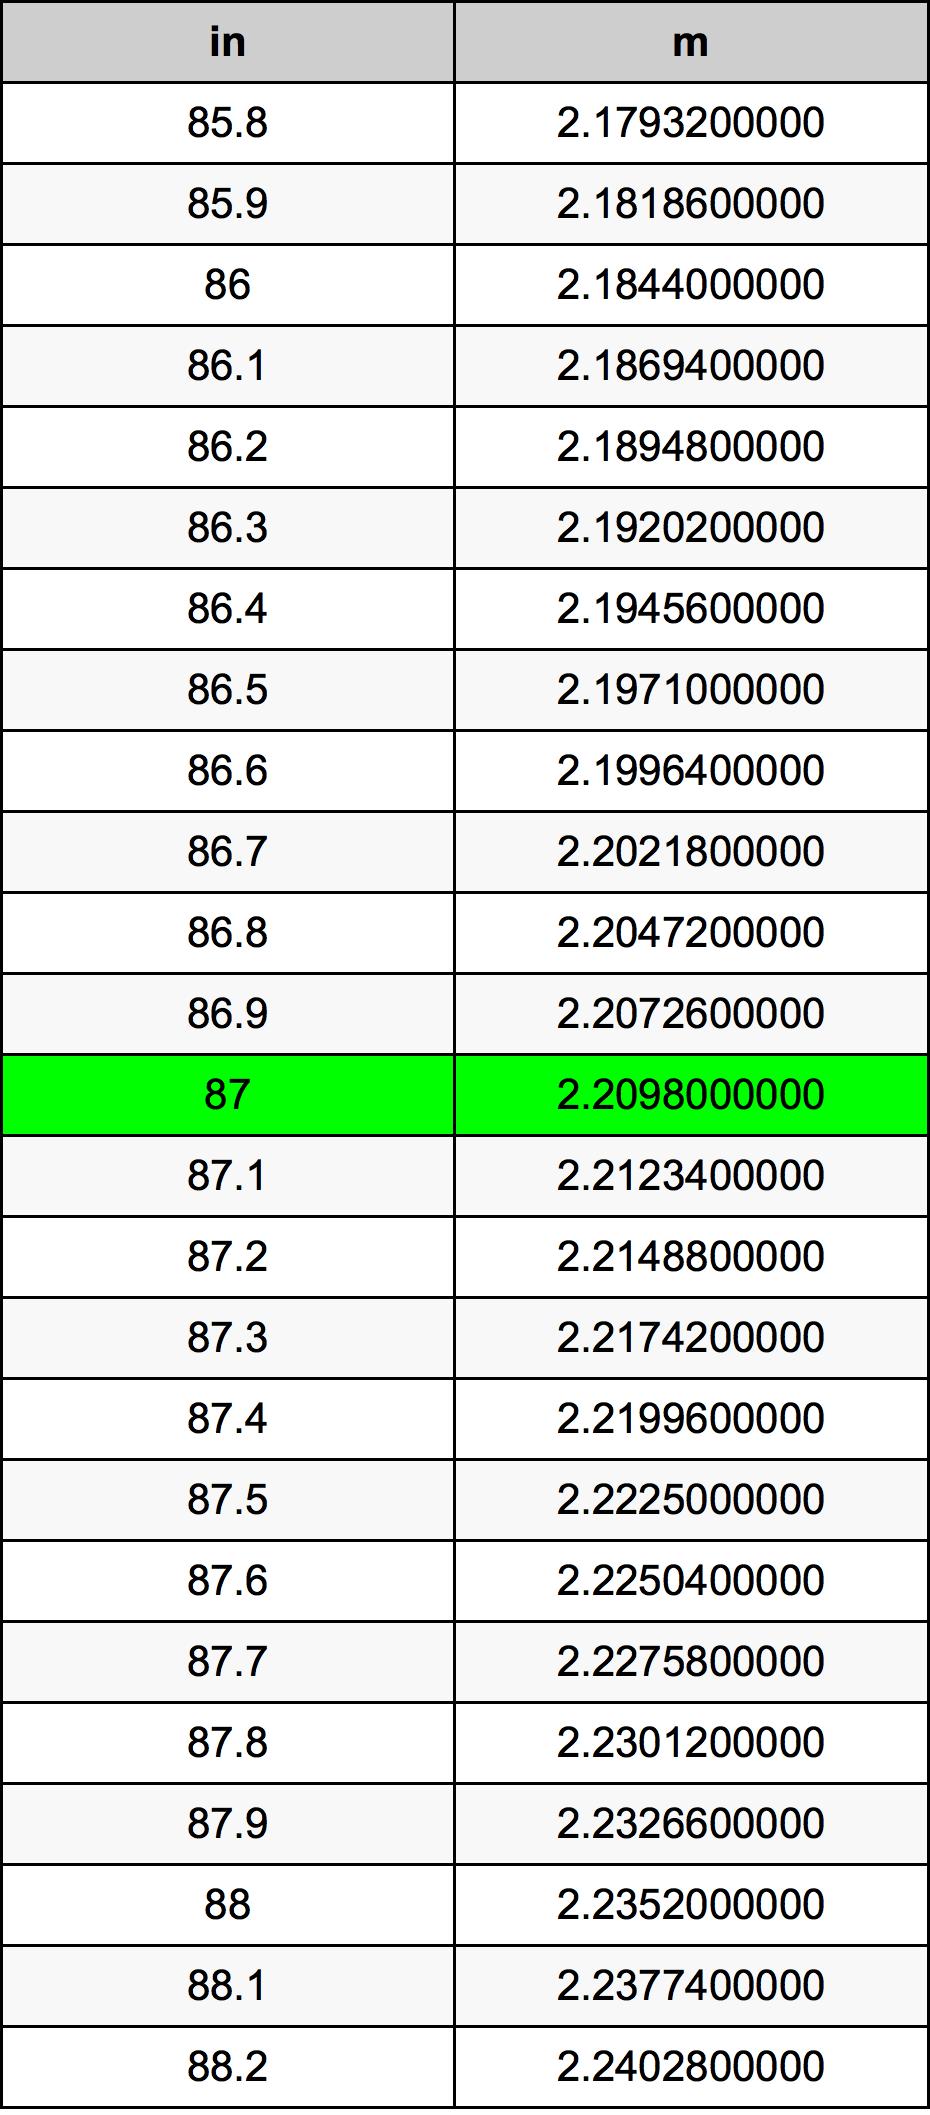 87 Palec pretvorbena tabela